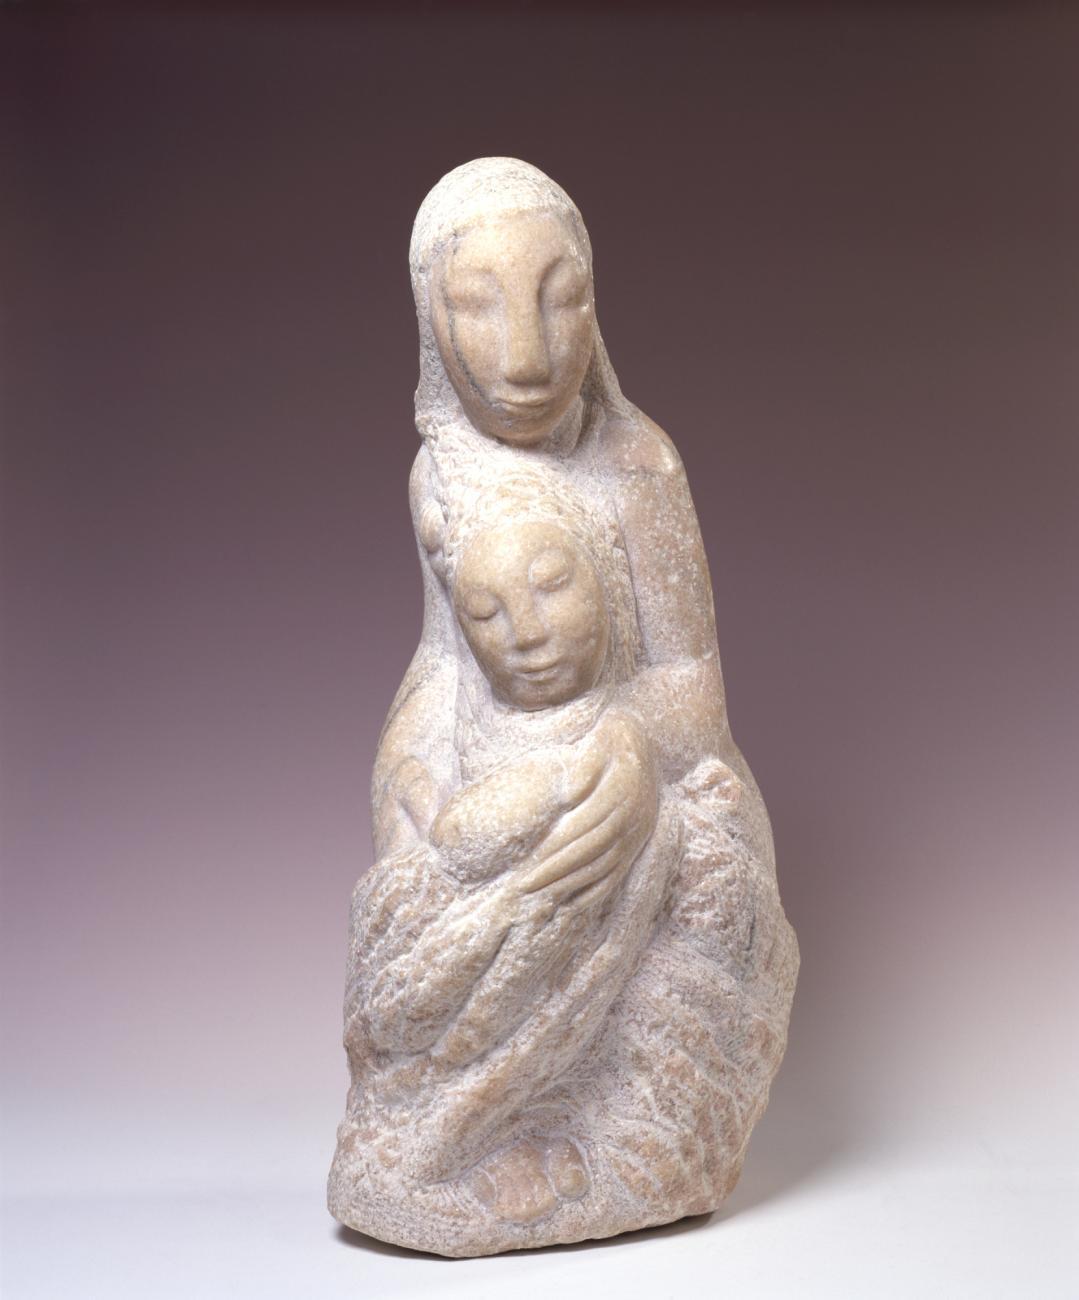 Focus picasso sculpture moma